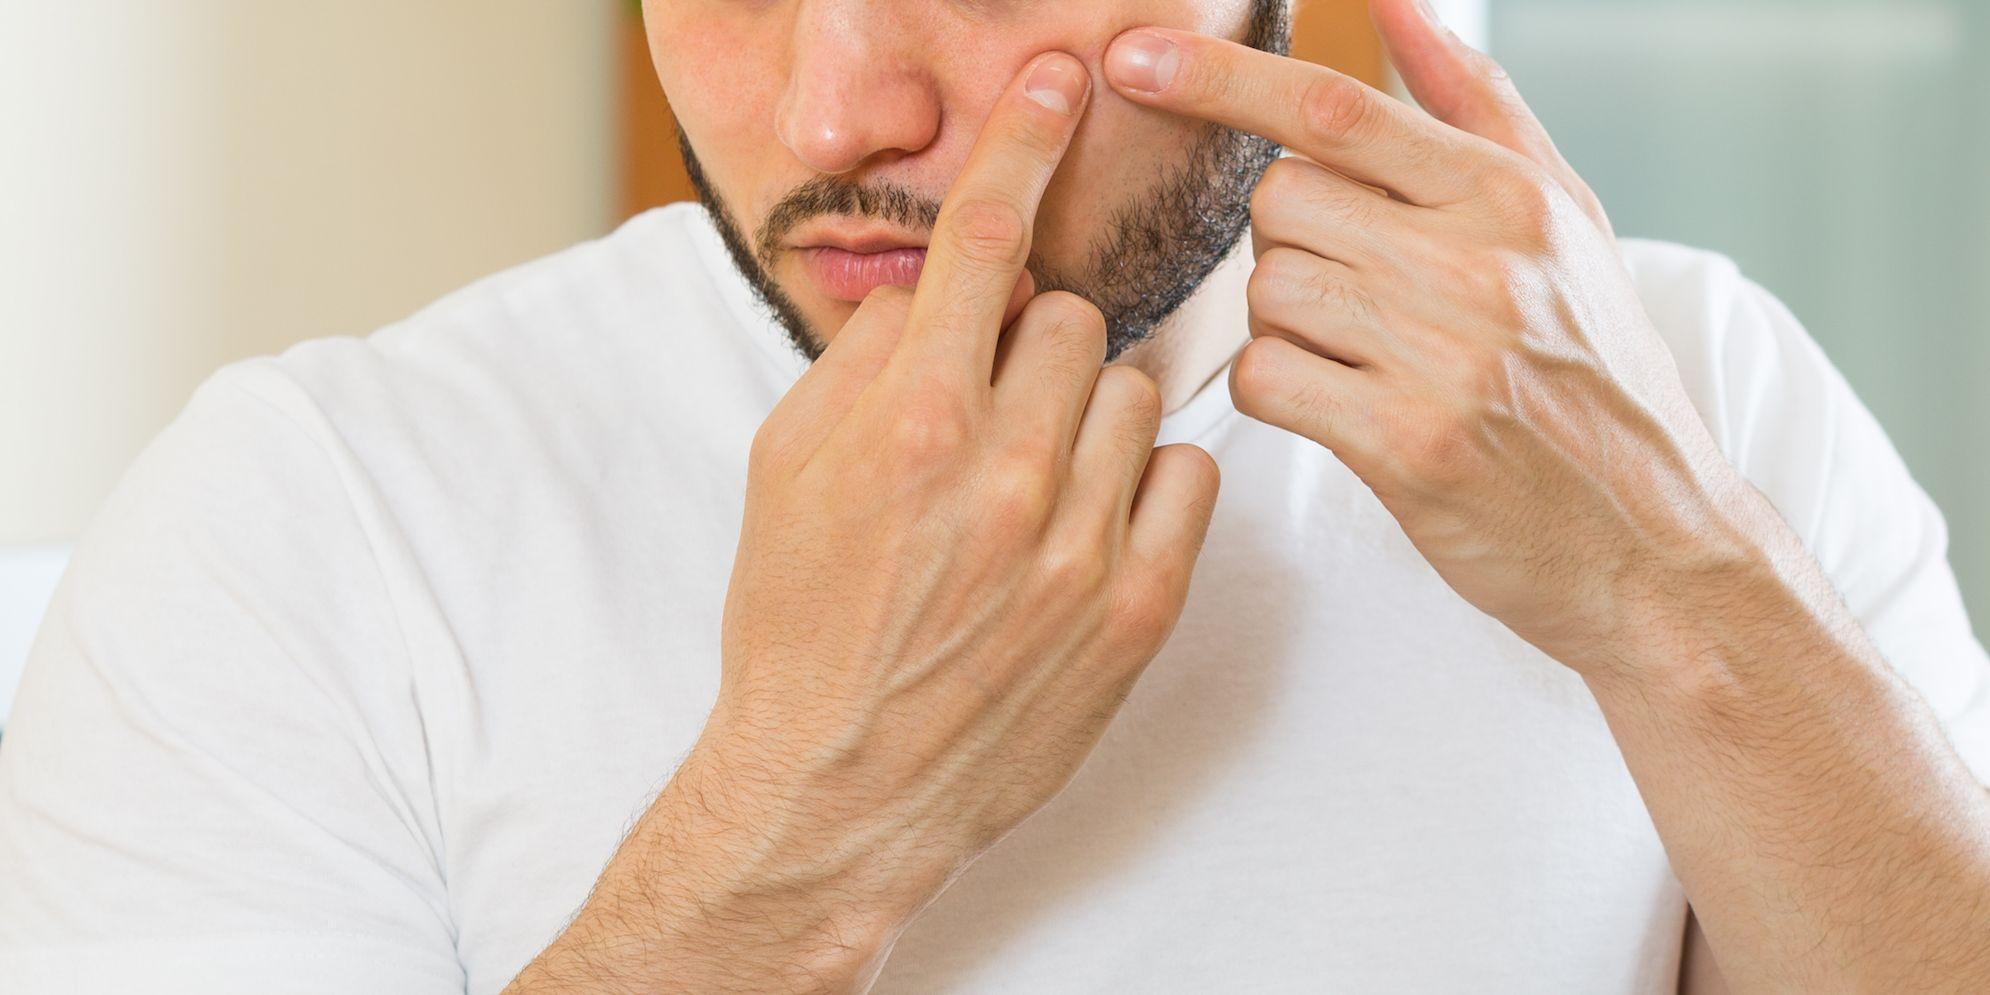 blackhead extraction video